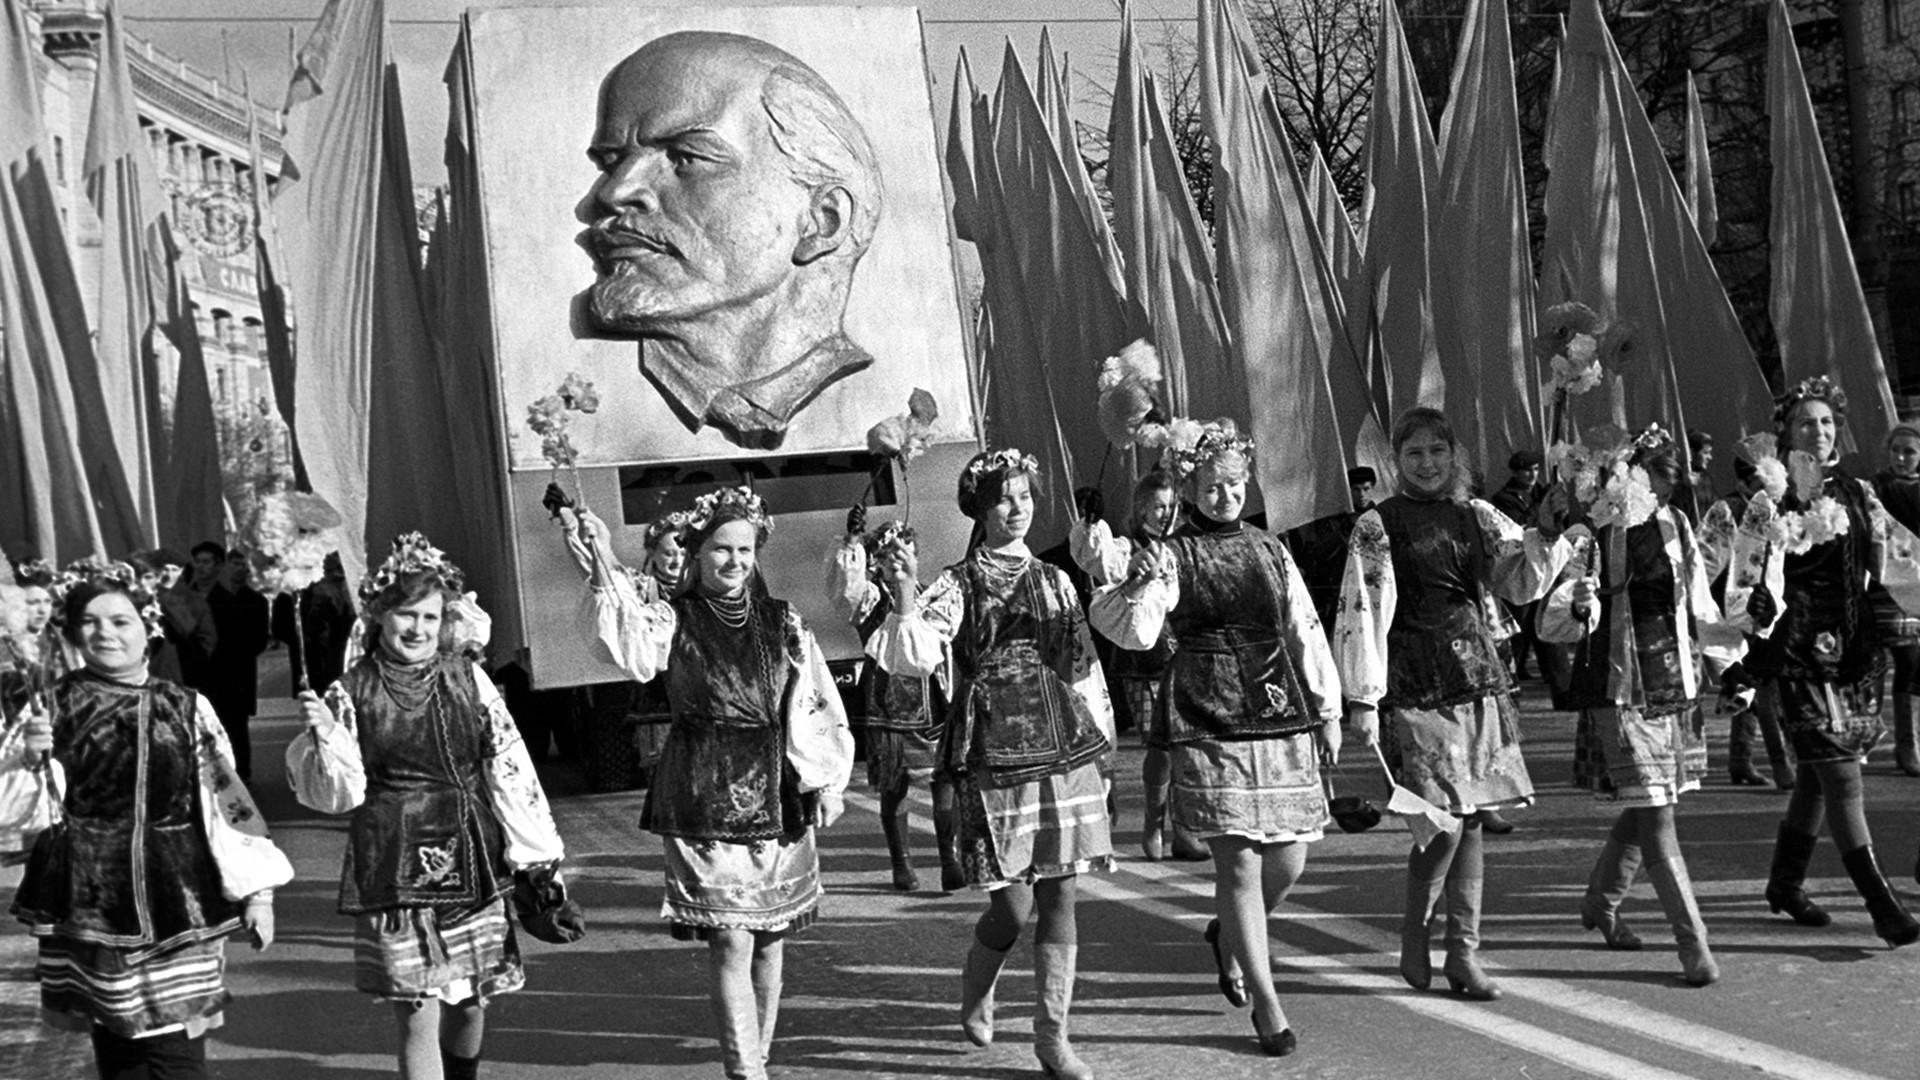 Прослава 53. годишњице Велике октобарске социјалистичке револуције. Девојке у народним ношњама за време свечане шетње радника улицом Крешчатик, 1970.